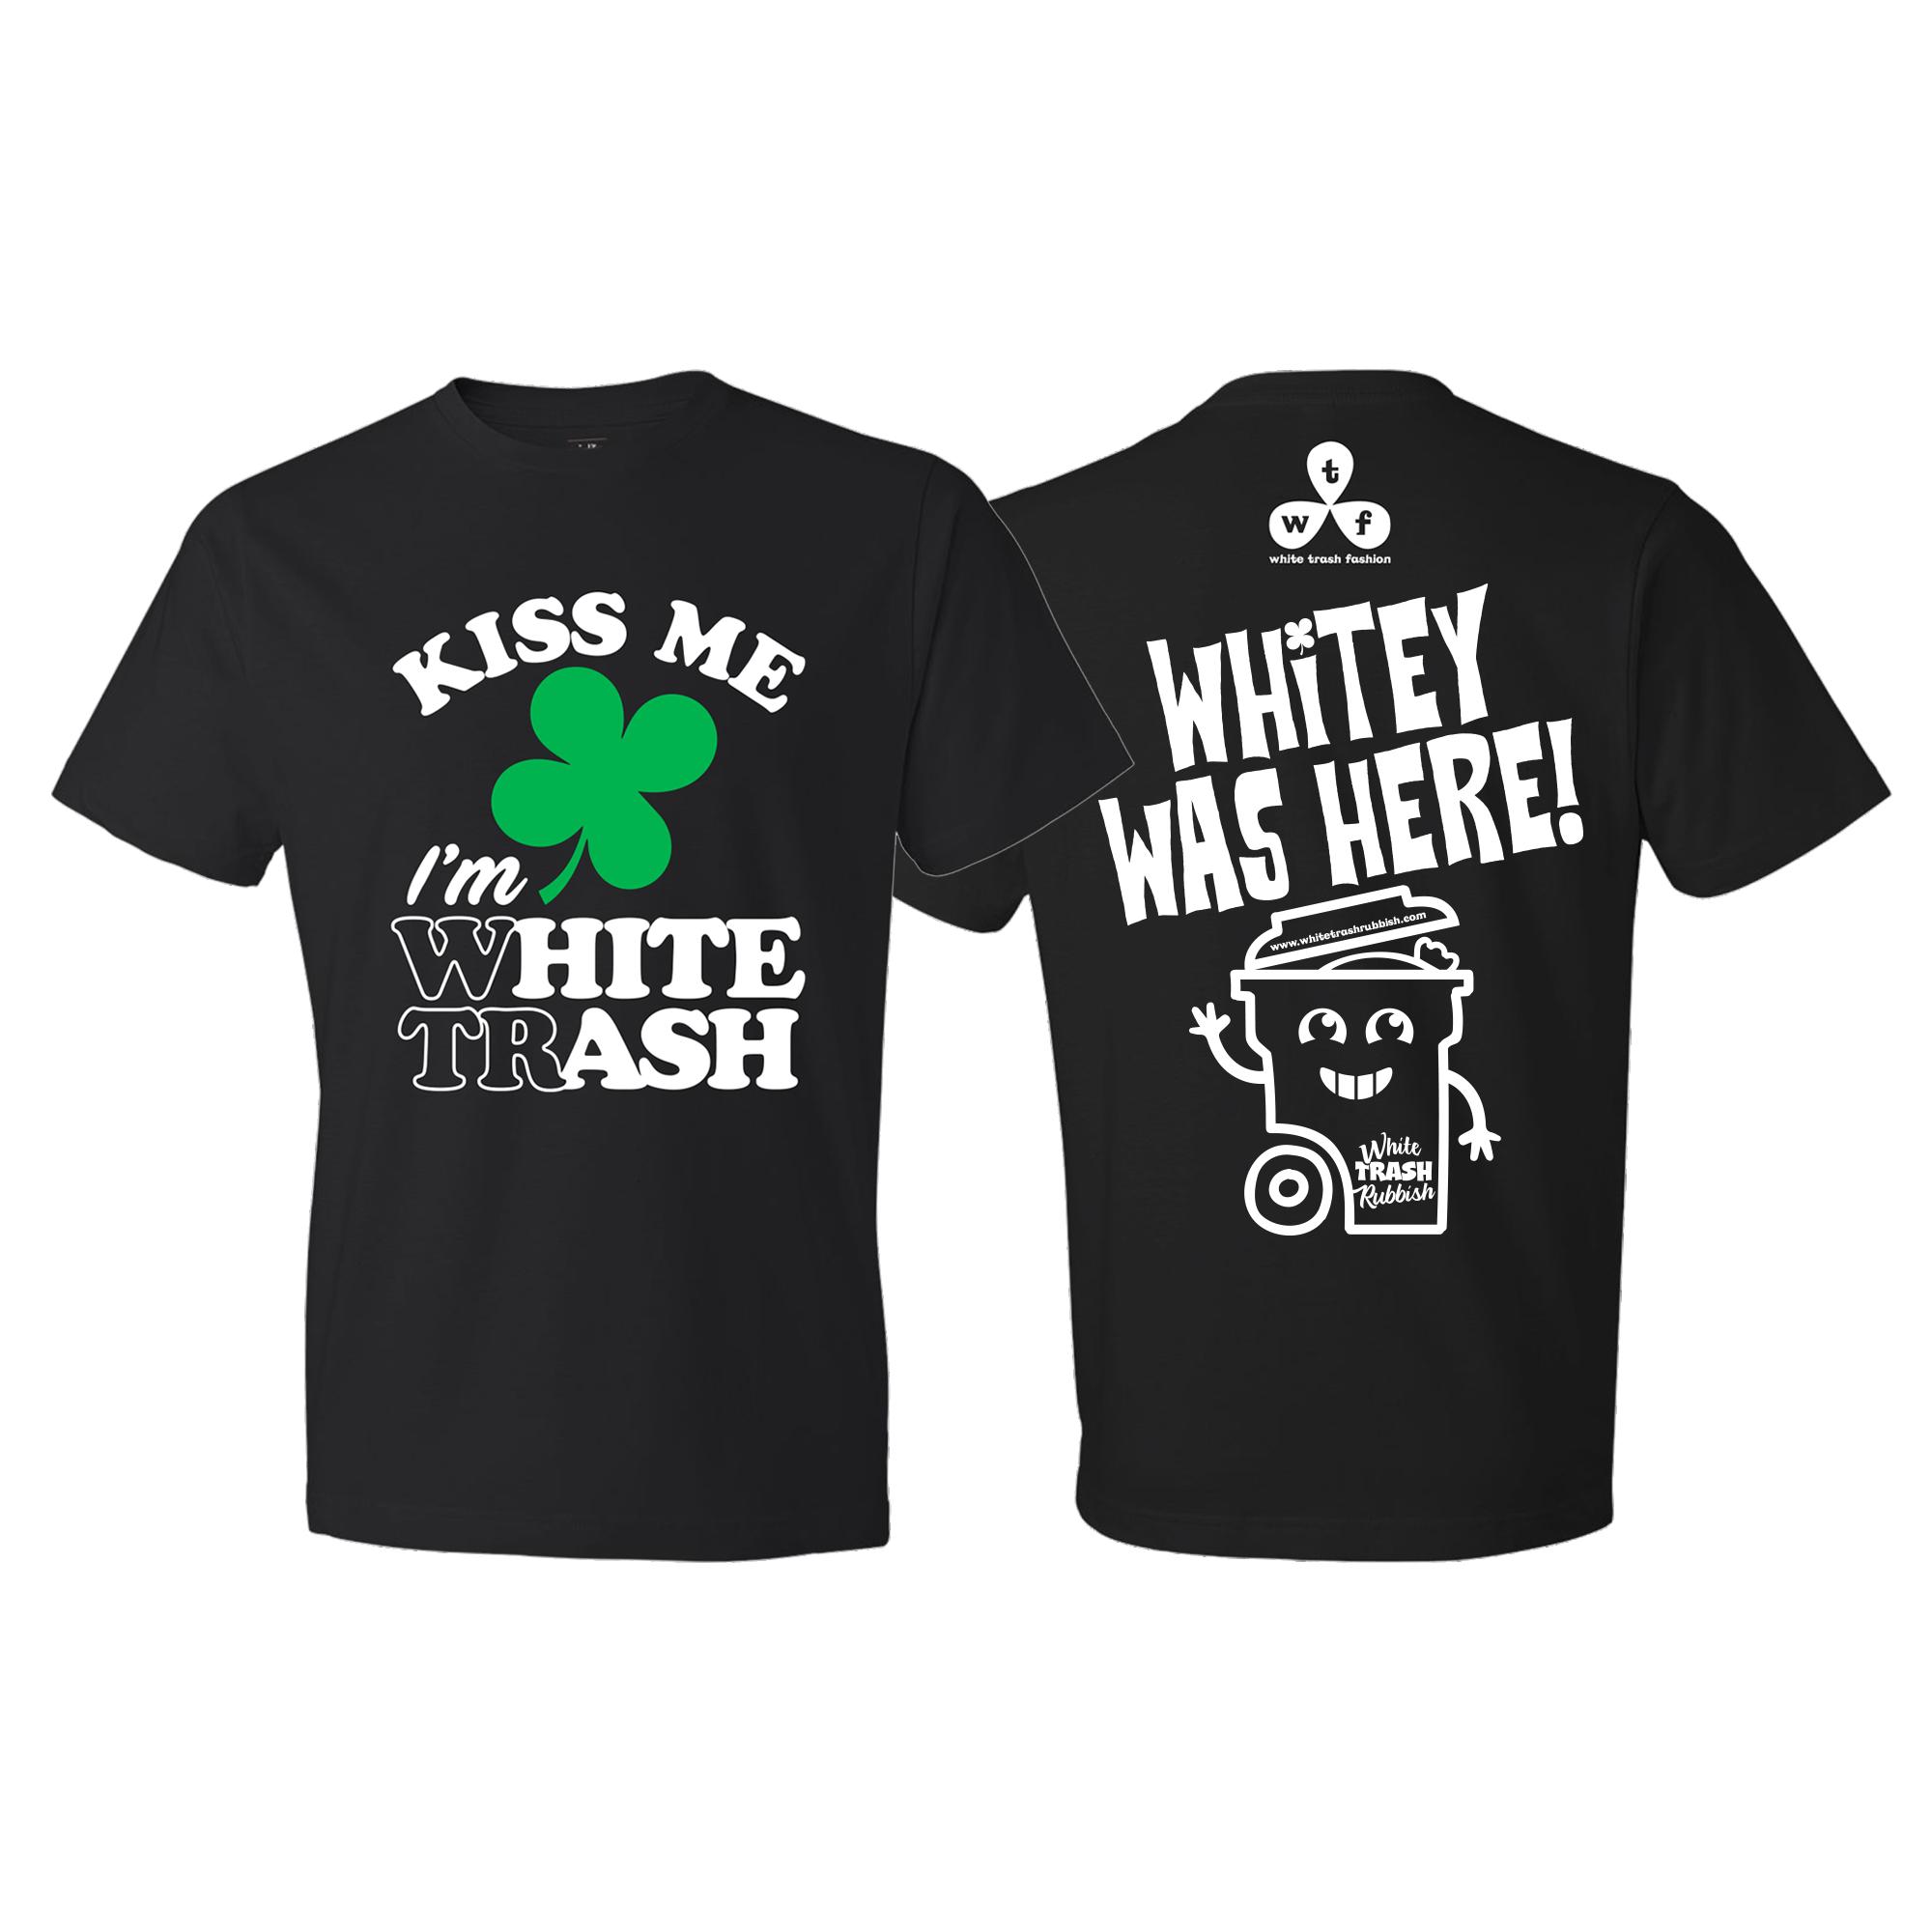 WTF Kiss Me T-Shirt